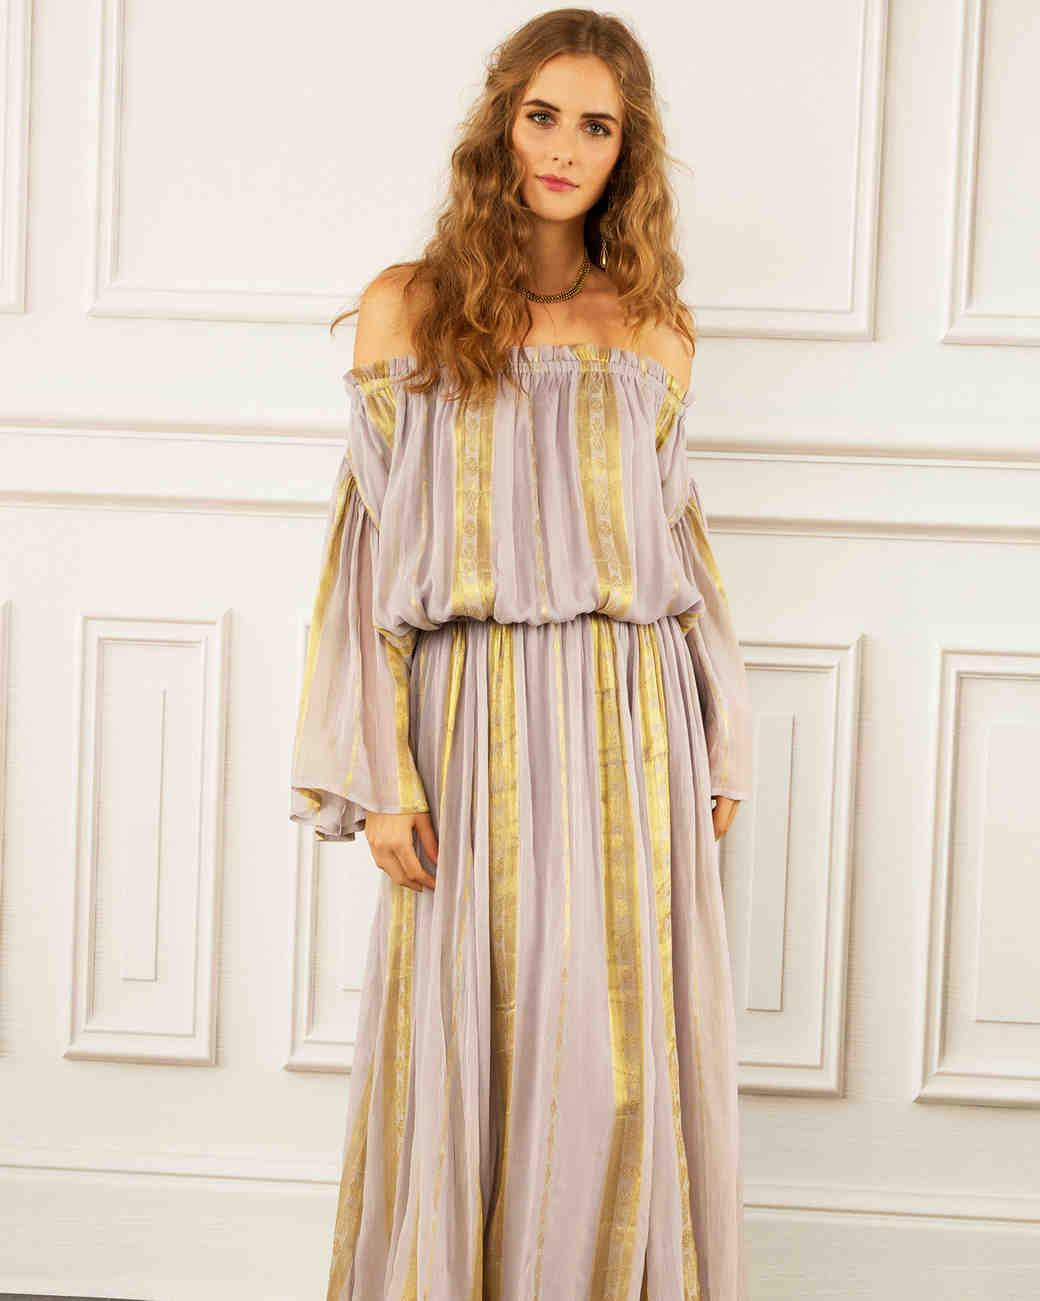 maria korovilas wedding dress spring 2017 off the shoulder, stripes